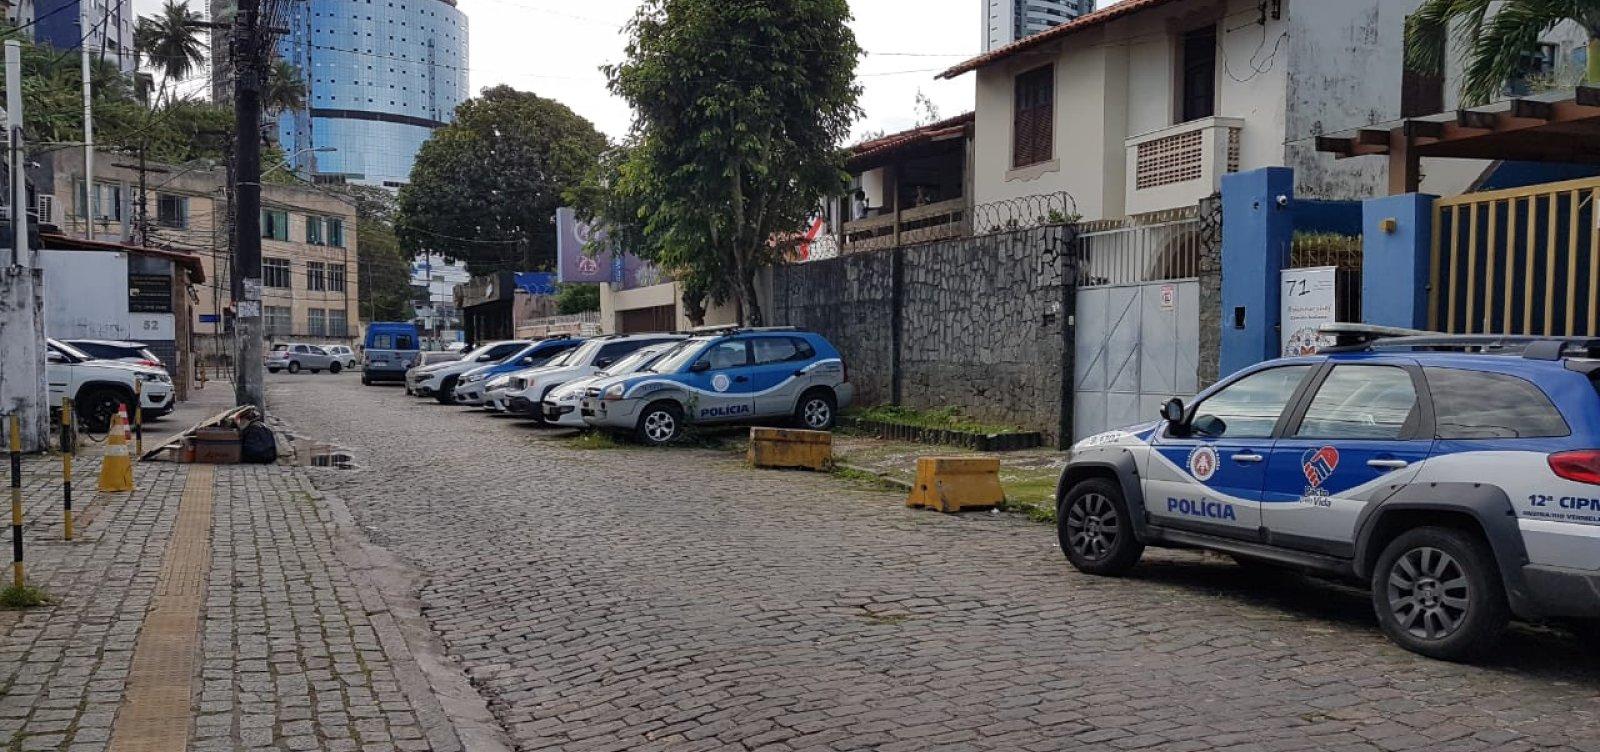 Viaturas estacionadas em calçada atrapalham circulação em rua do Rio Vermelho